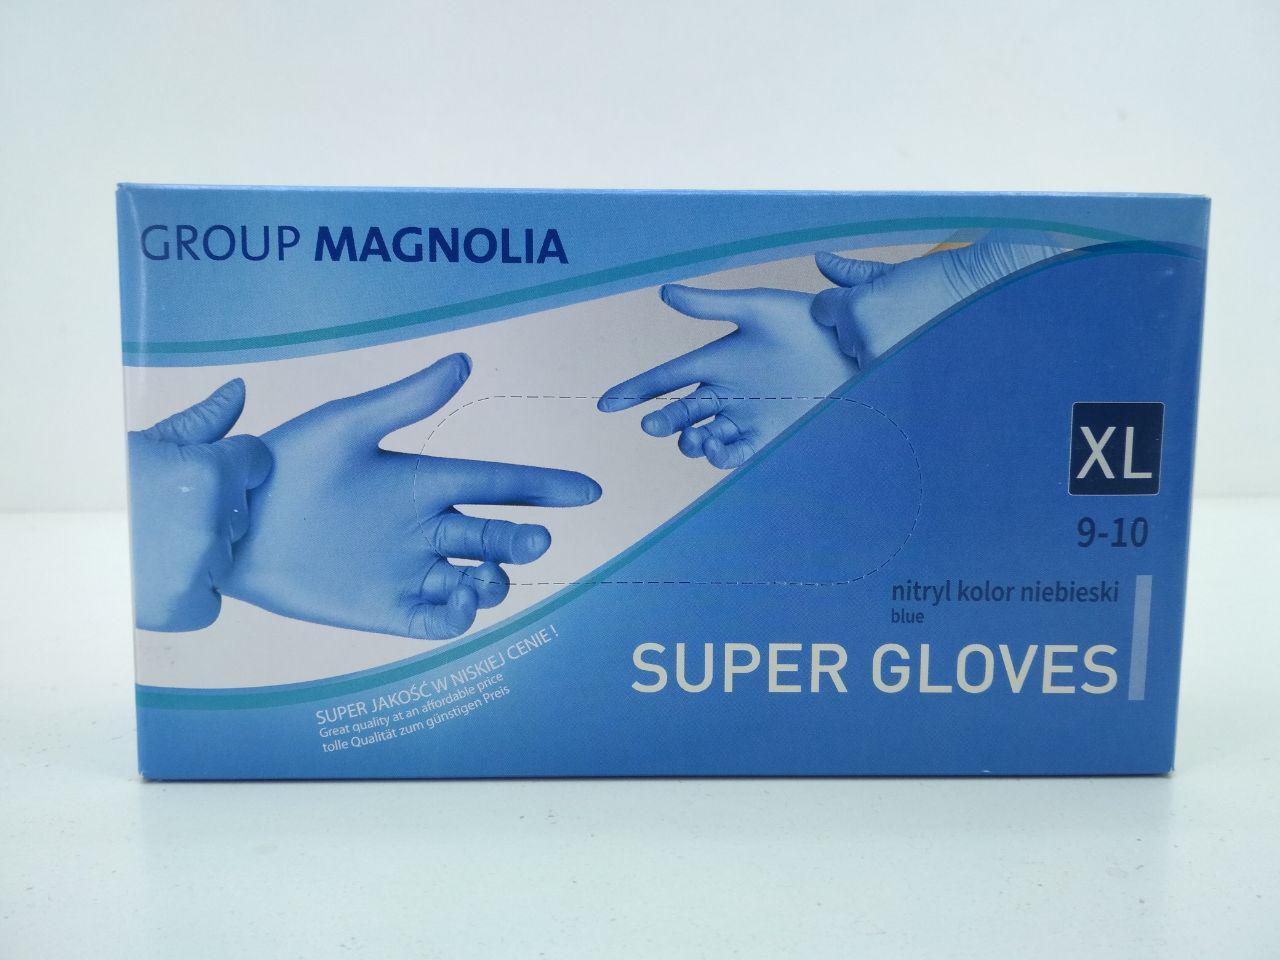 Перчатки нитриловые синие(100шт) XL (1 пач)